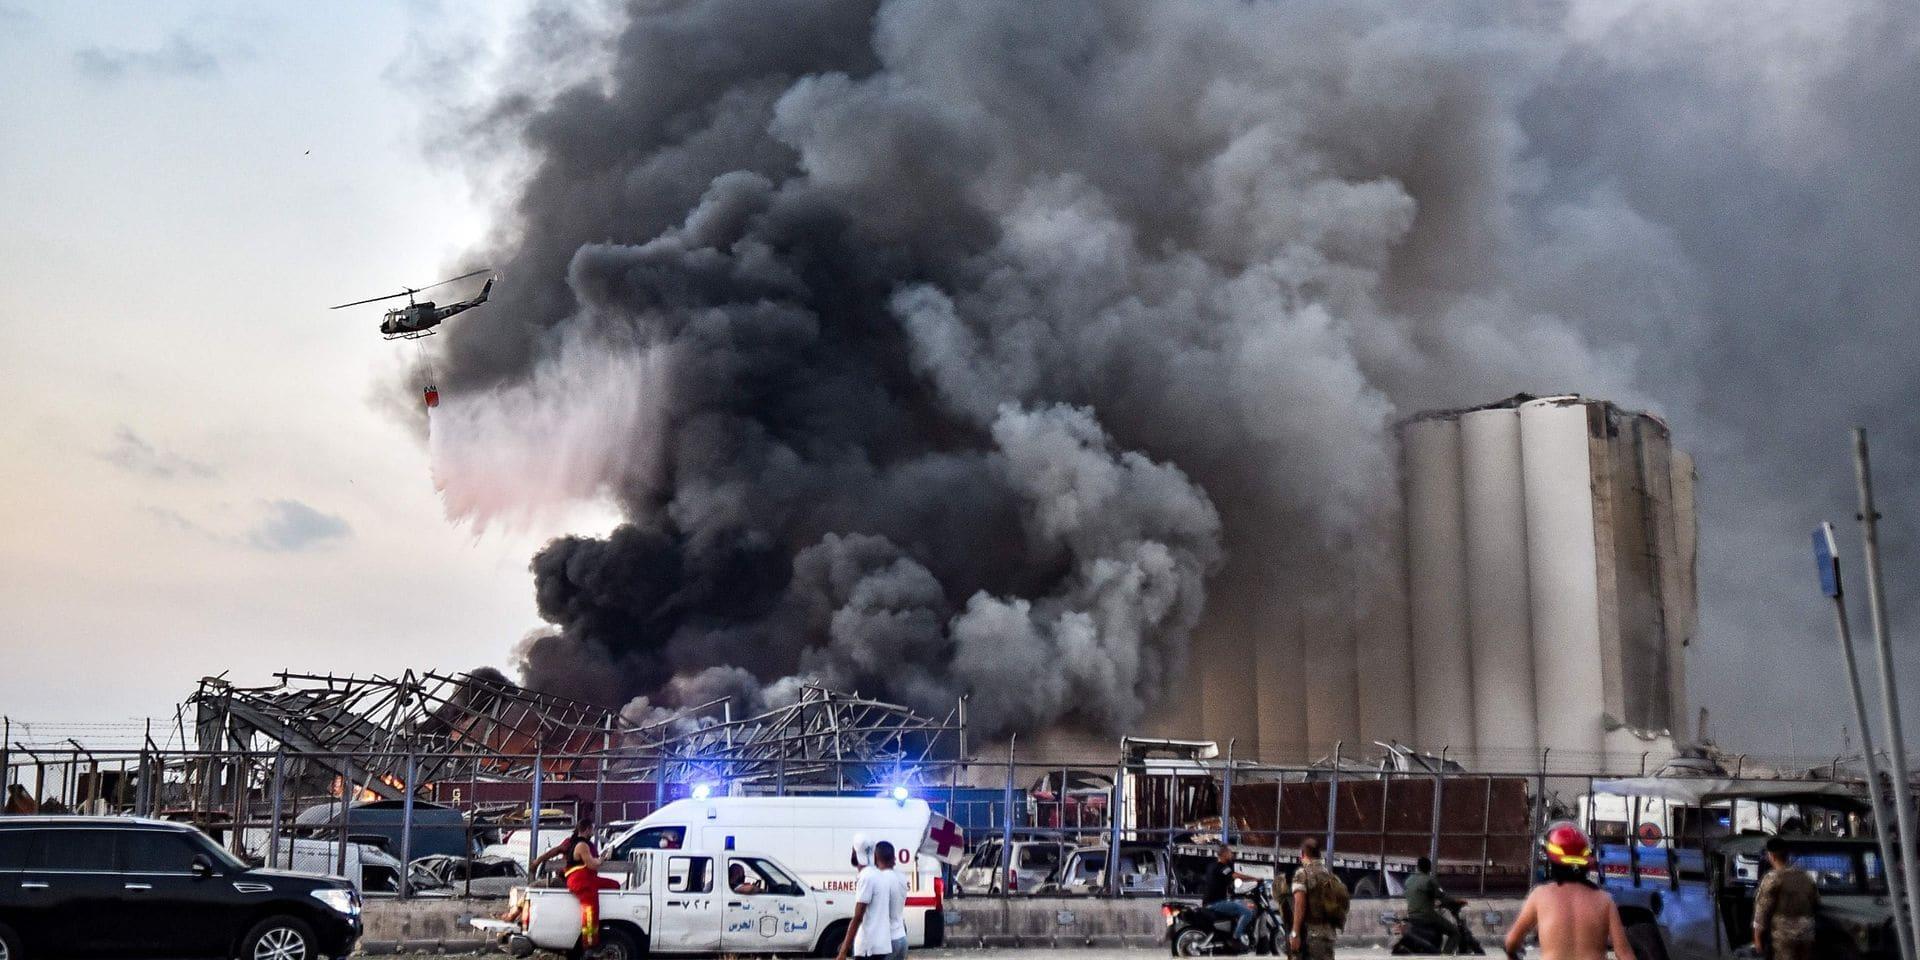 Une explosion causée par du nitrate d'ammonium pourrait-elle se produire en Belgique?